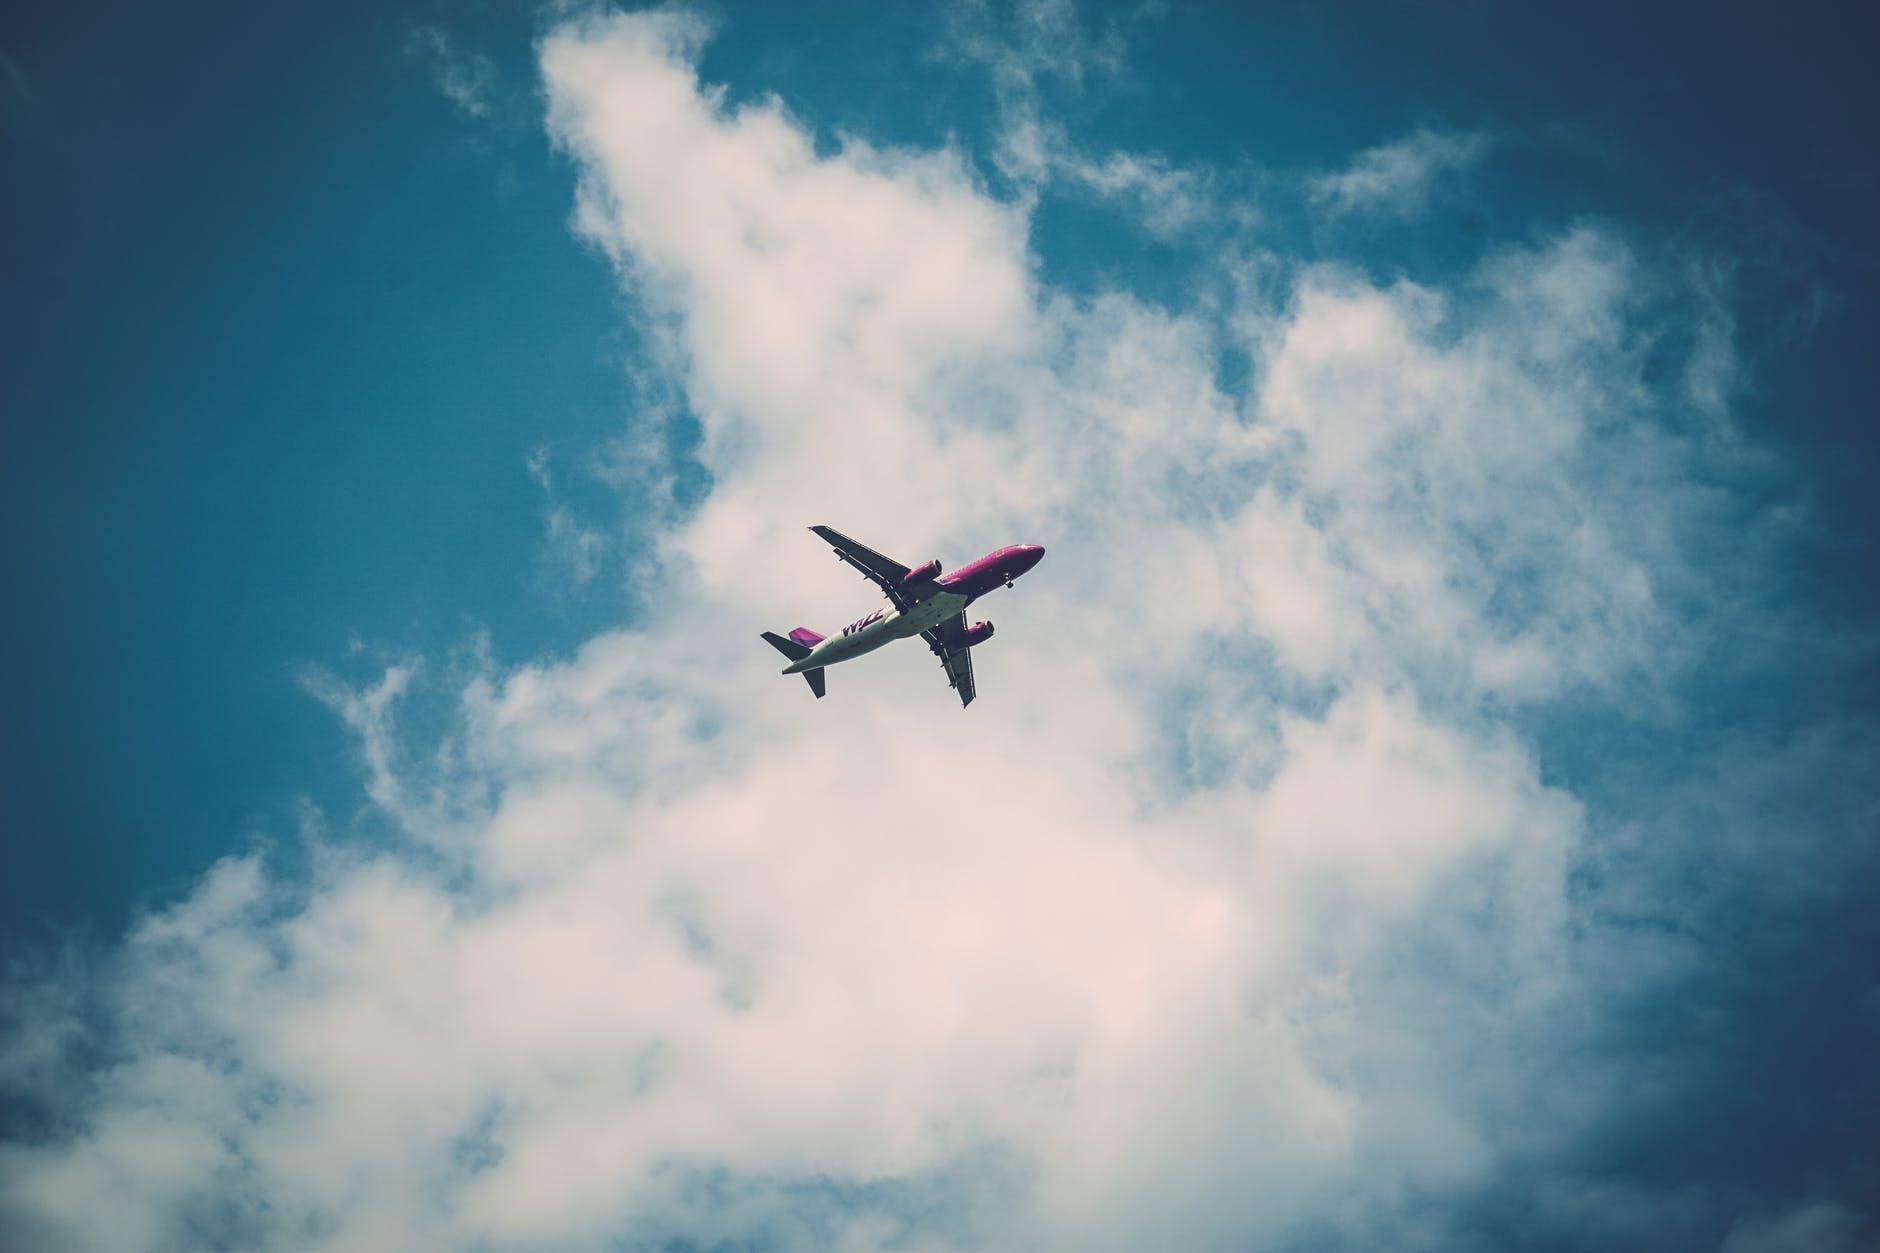 Самолет авиакомпании Southwest Airlines совершил экстренную посадку вштате Огайо